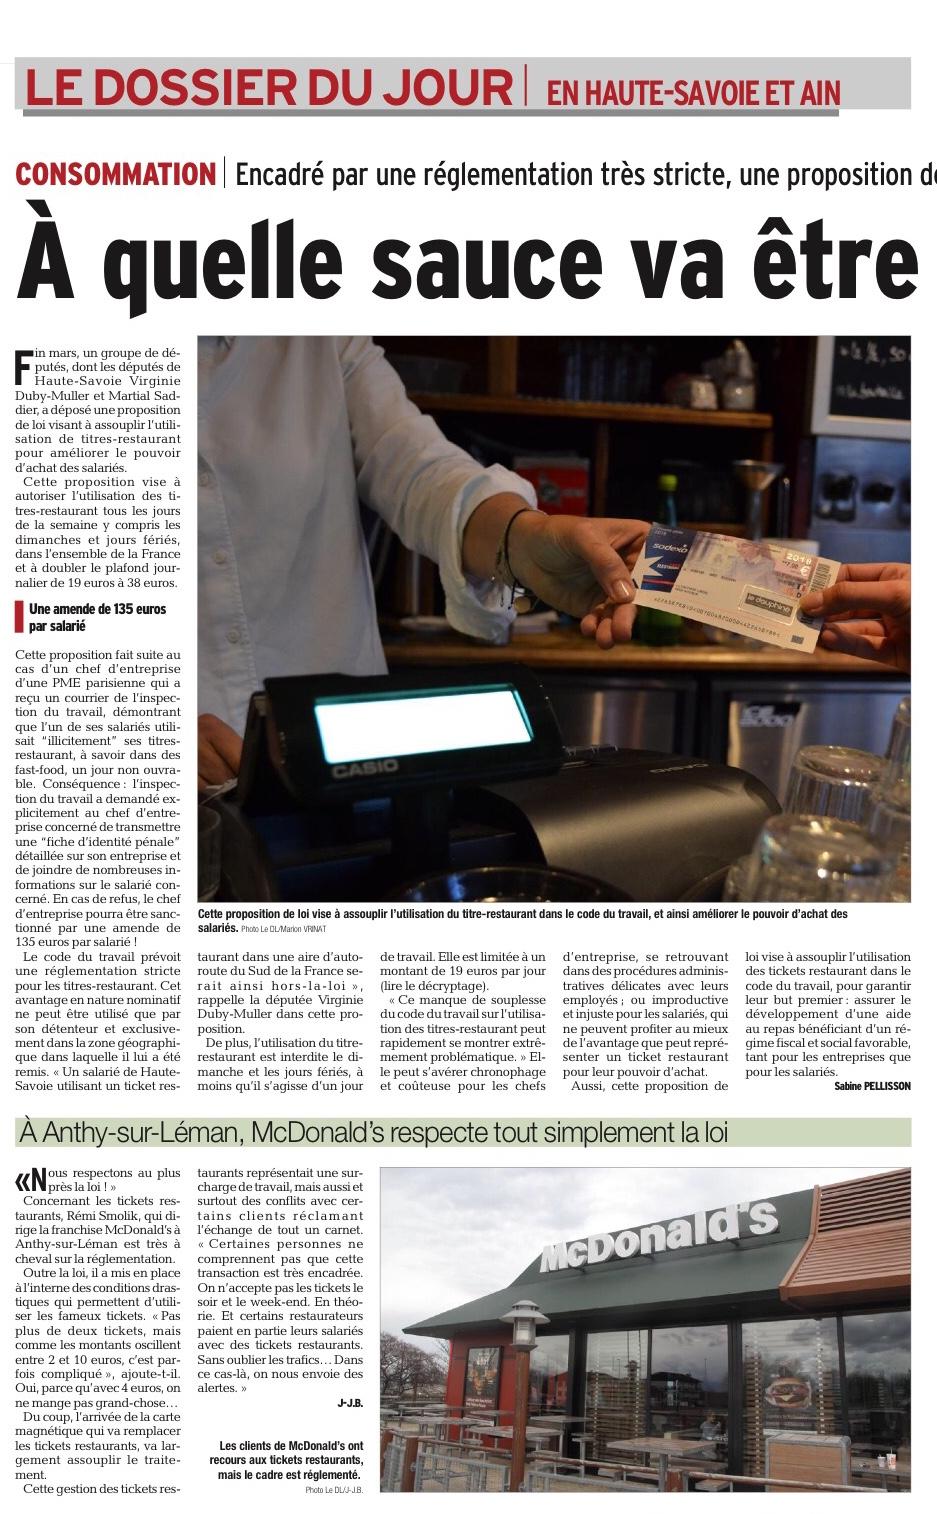 Dossier Dans Le Dauphine Libere Sur La Ppl Visant A Elargir L Usage